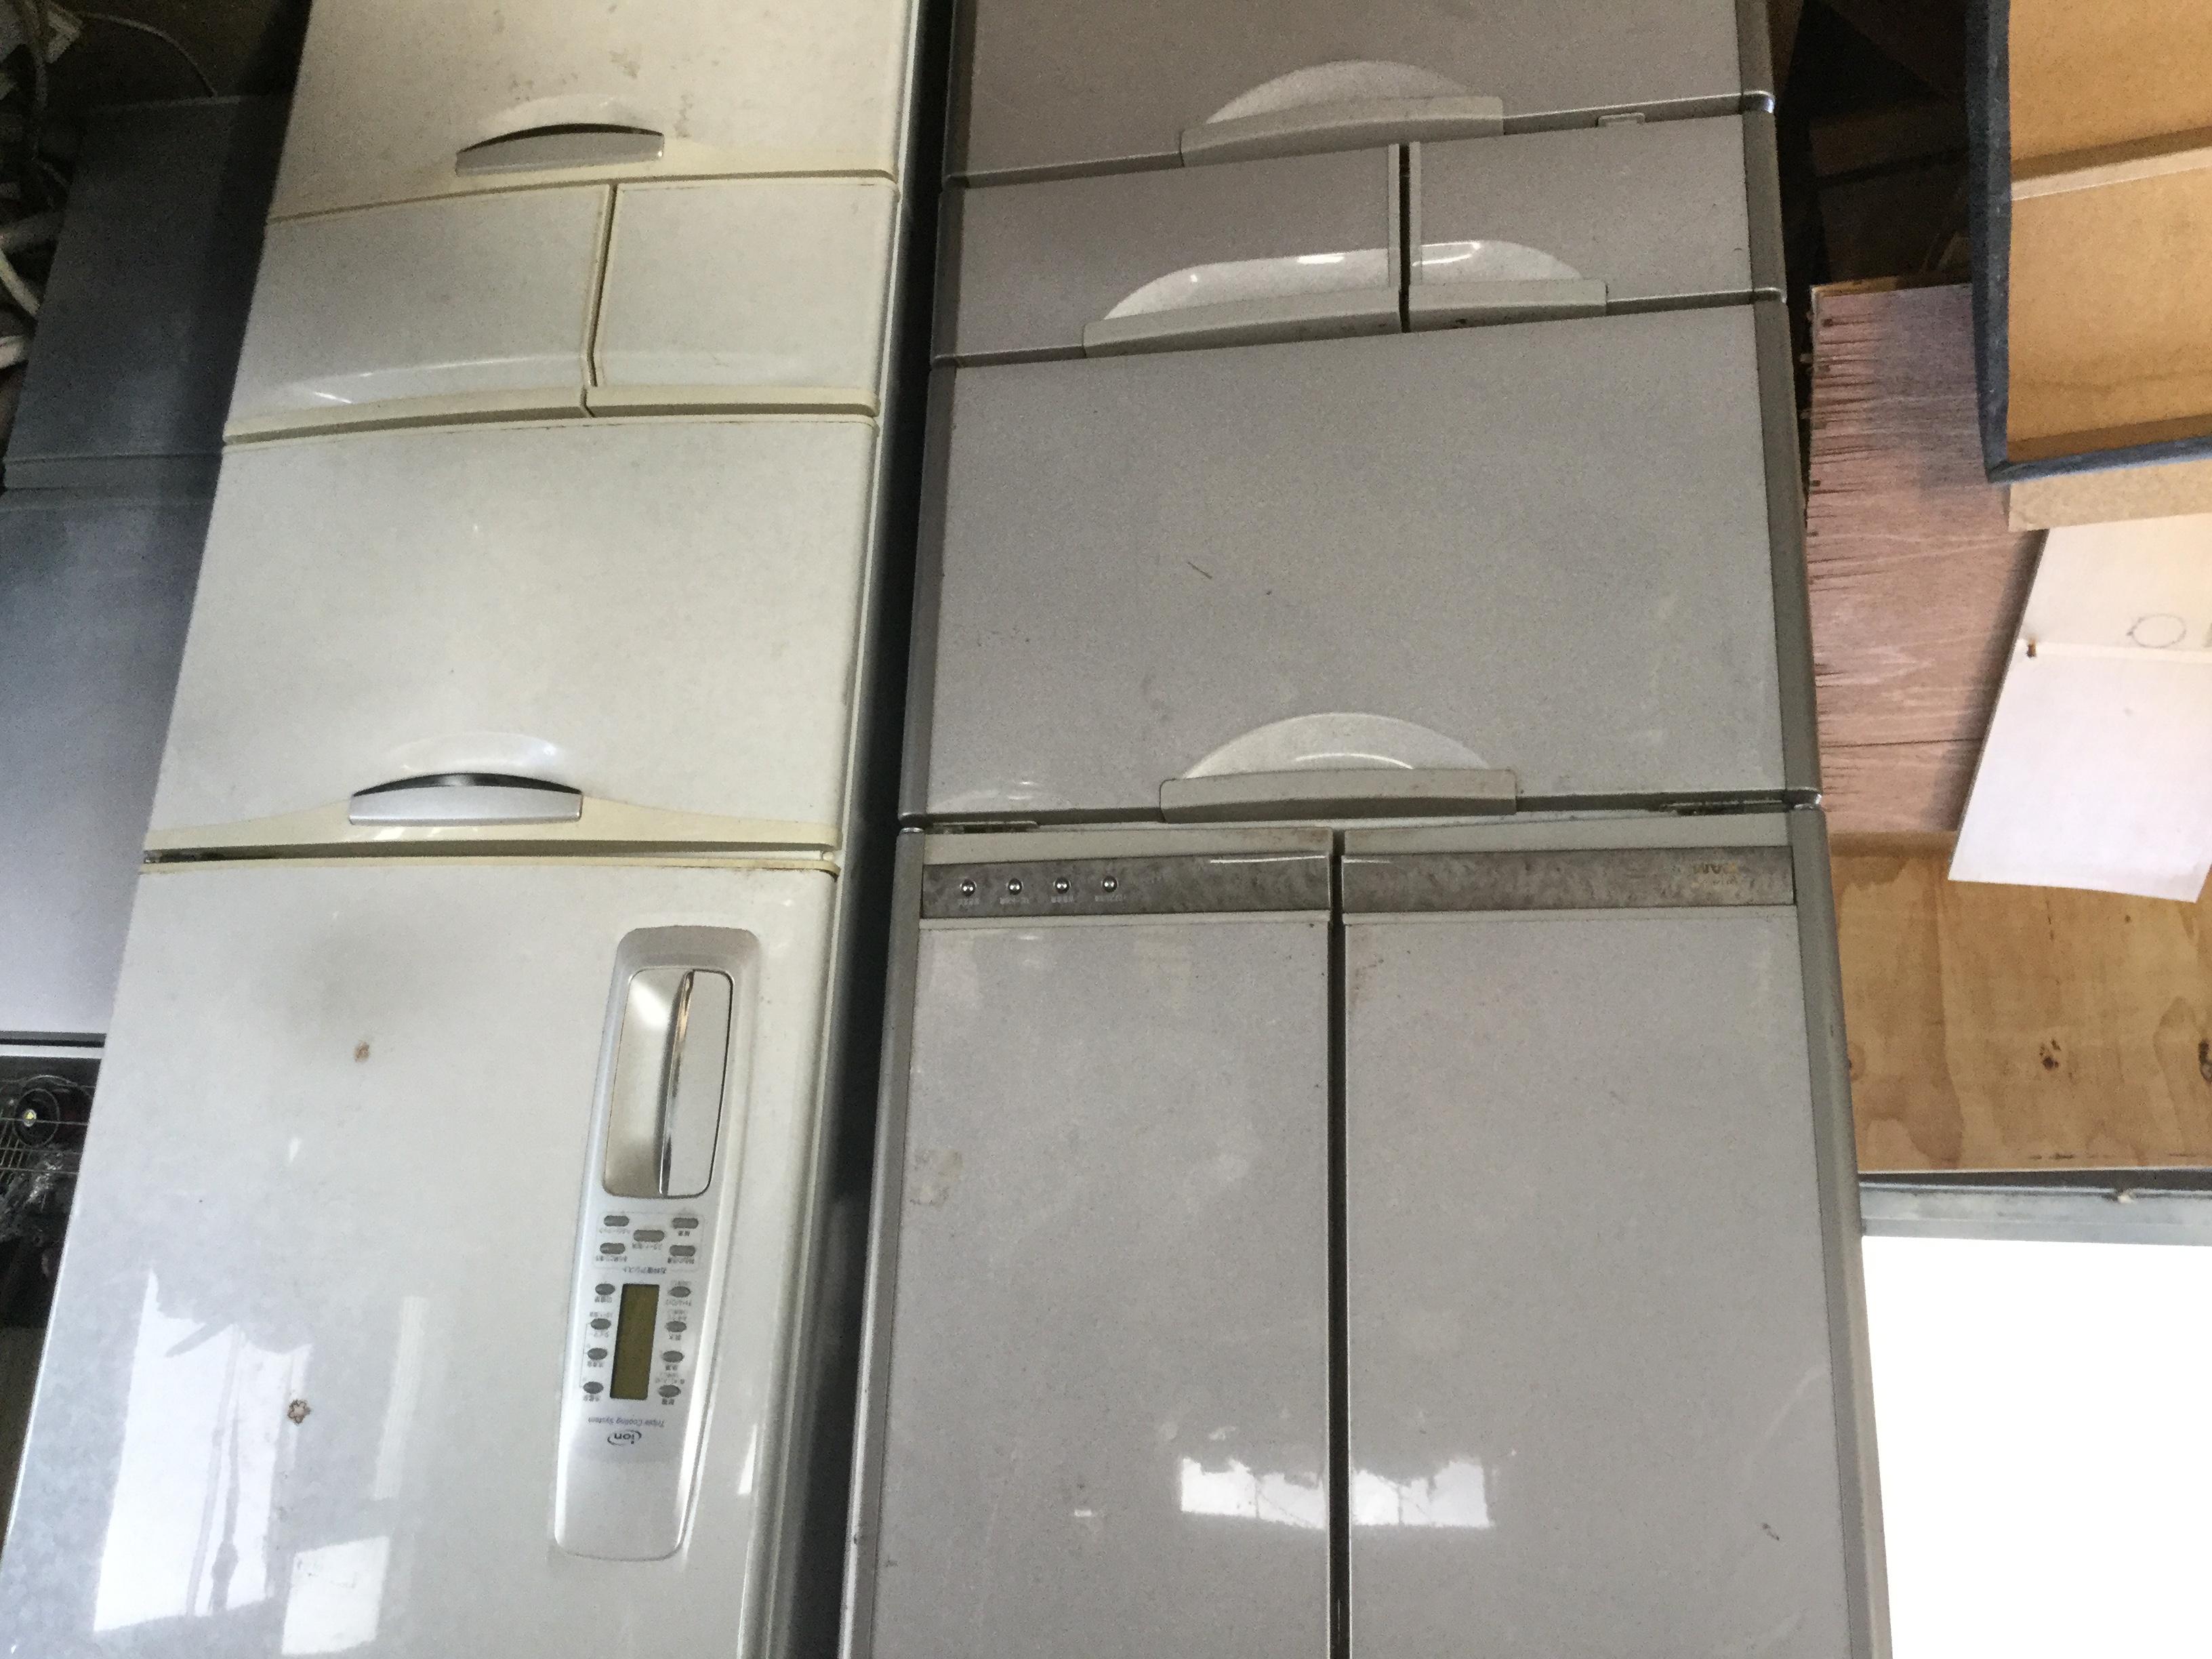 福山市明王台付近で回収した大型冷蔵庫2台